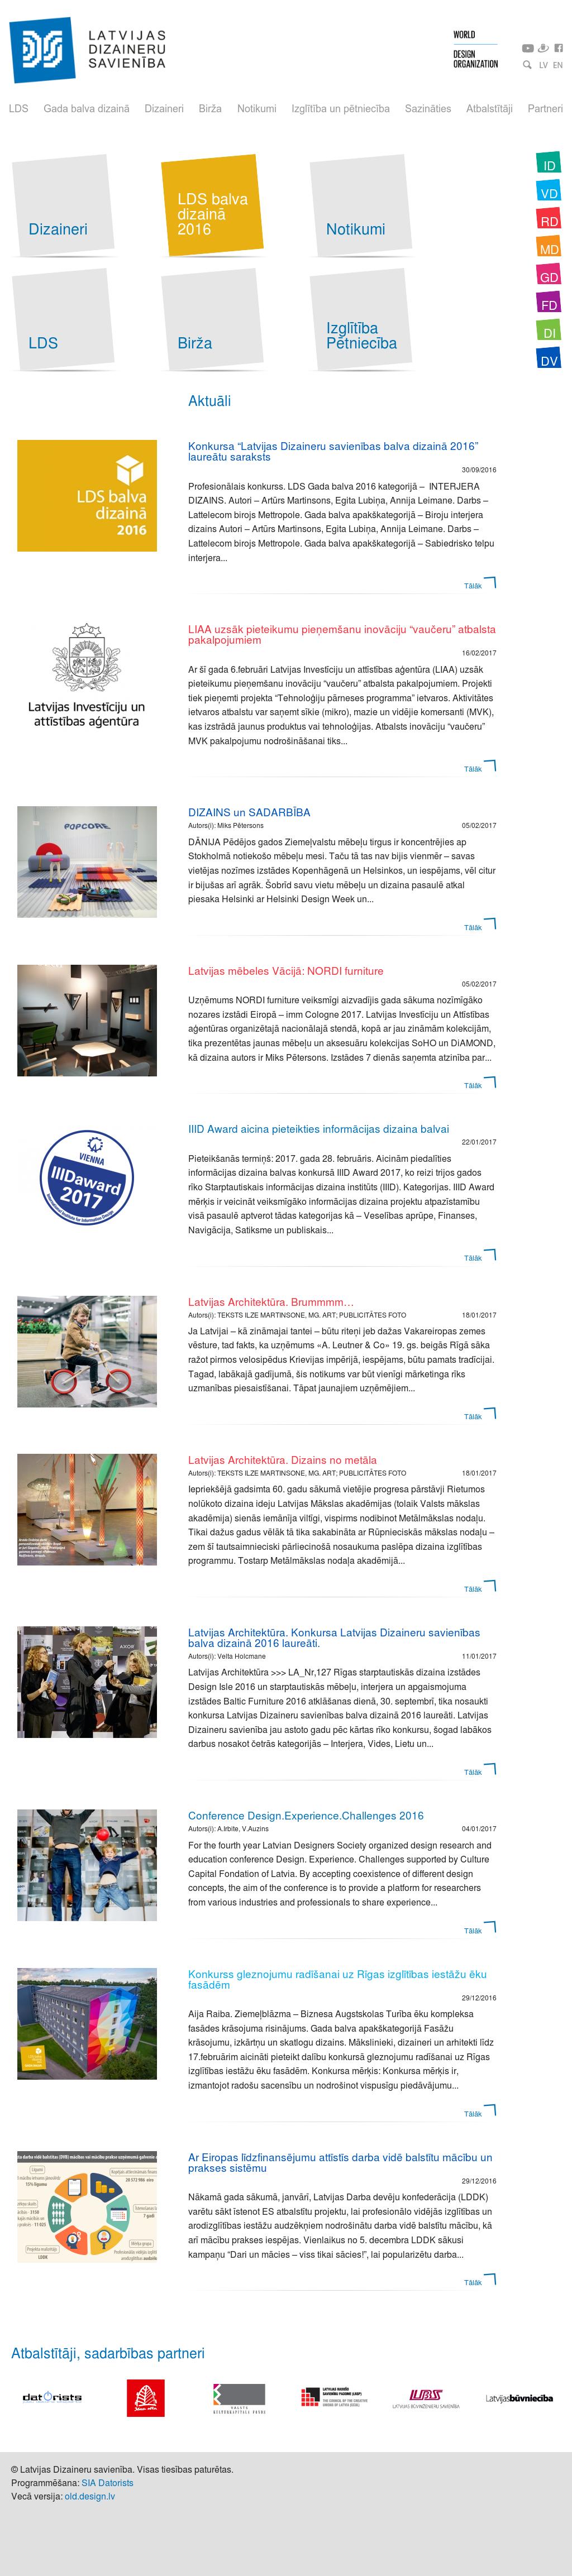 5. Izstrādātāju iespējas darbā ar Sitecore CMS